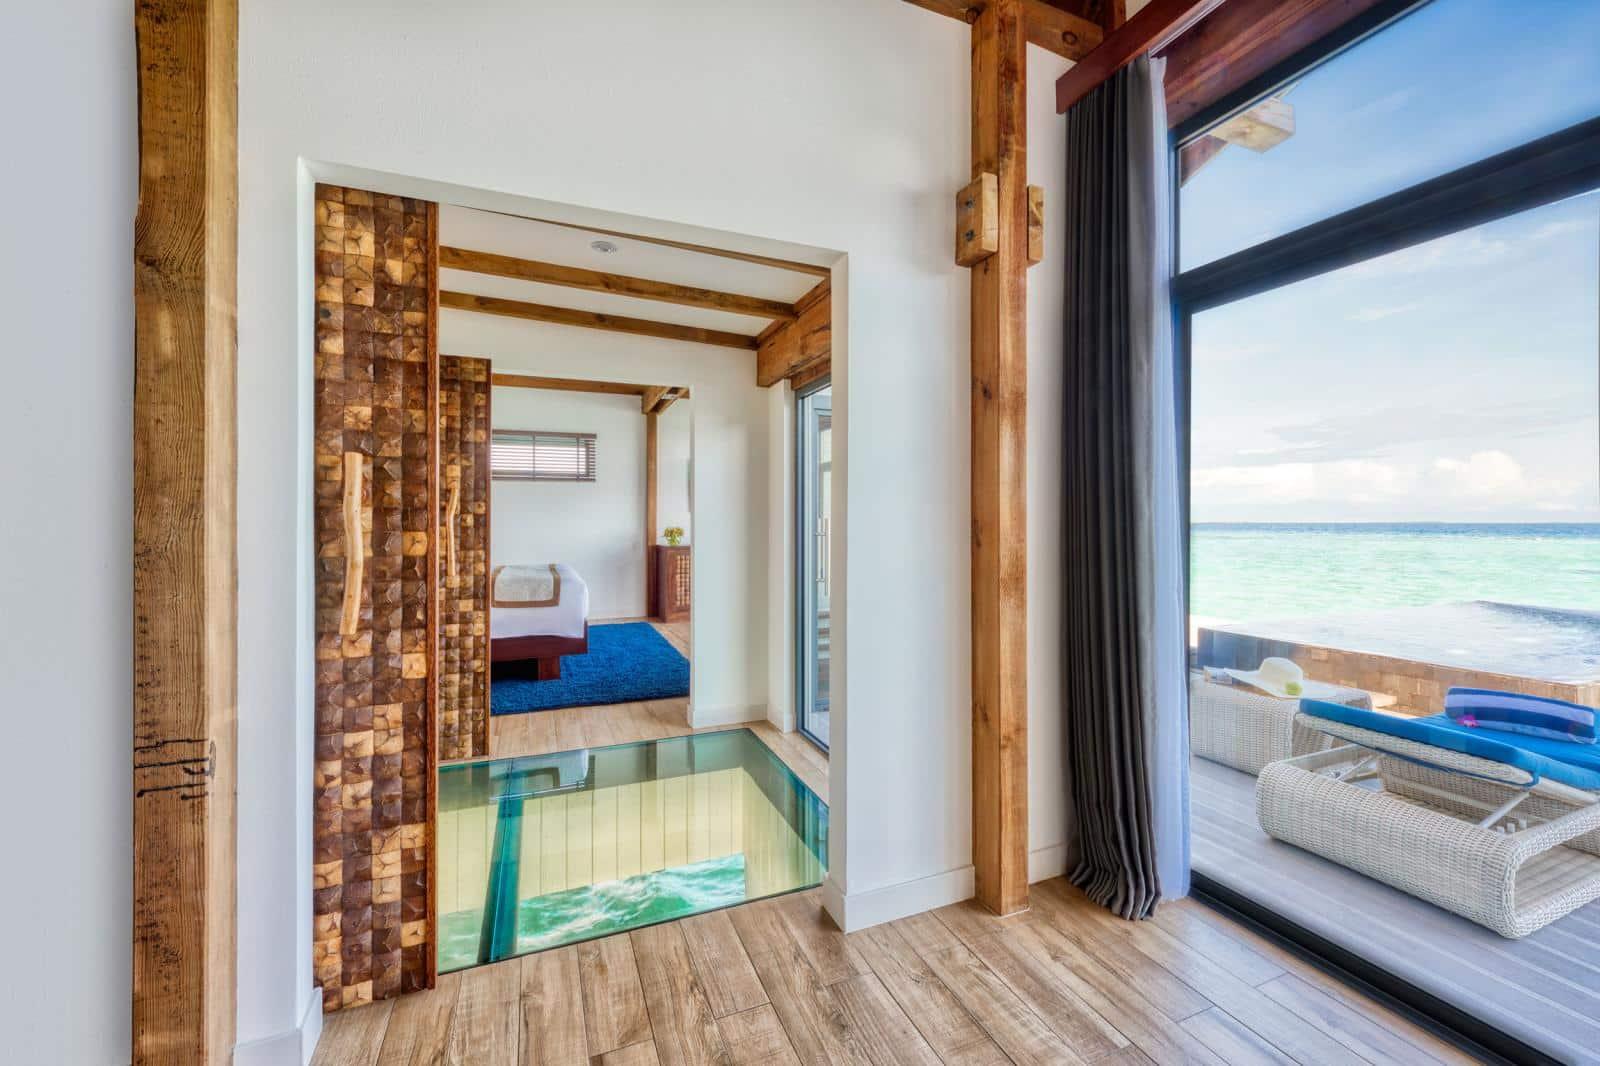 Через скляні підлоги Overwater Pool Villas гості можуть спостерігати за життям морських мешканців.